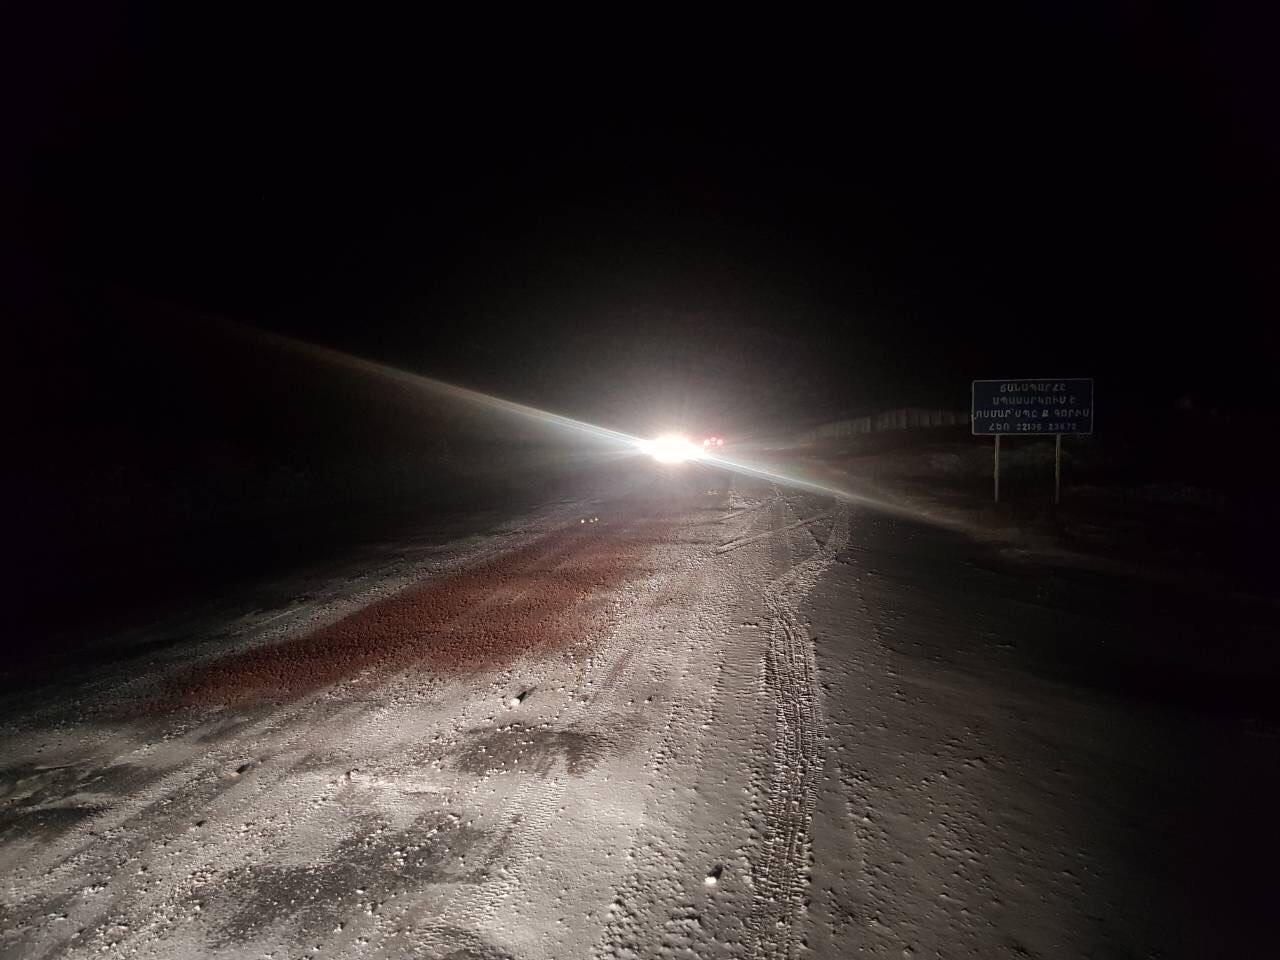 Միջպետական և հանրապետական նշանակության ավտոճանապարհների ձյունը ամբողջ գիշեր մաքրվել է